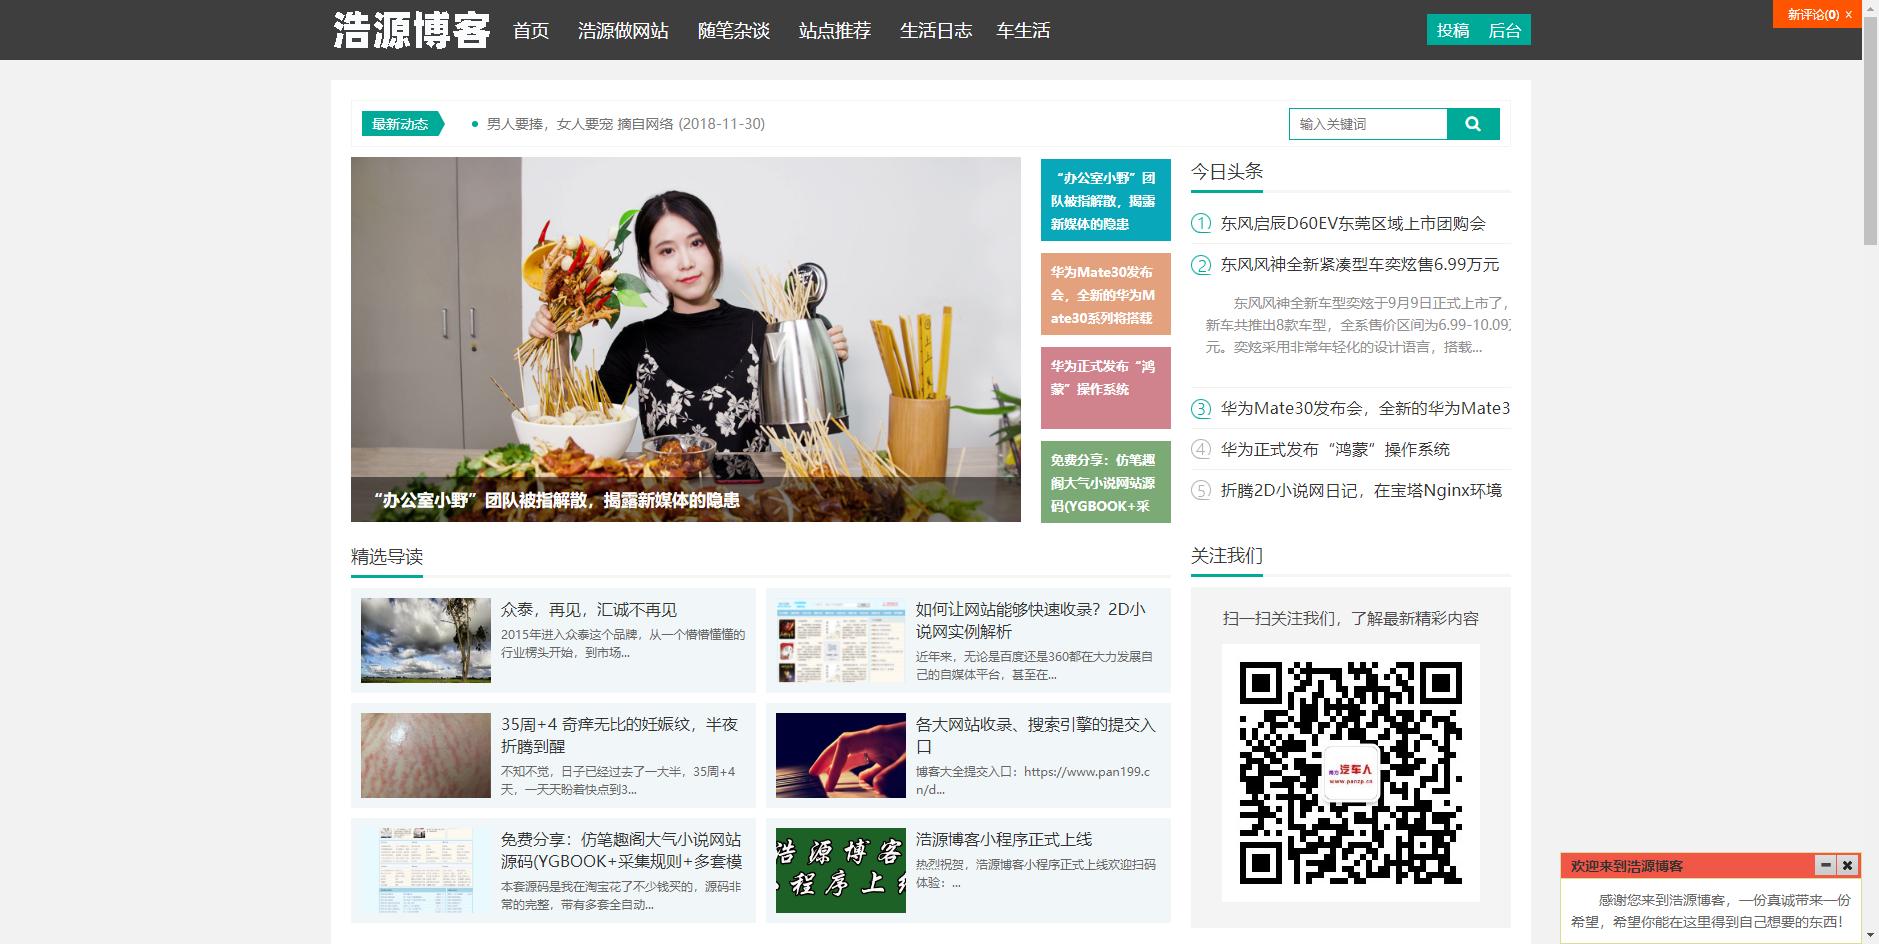 精仿砍柴网zblog主题 精心打造个人博客的新界面